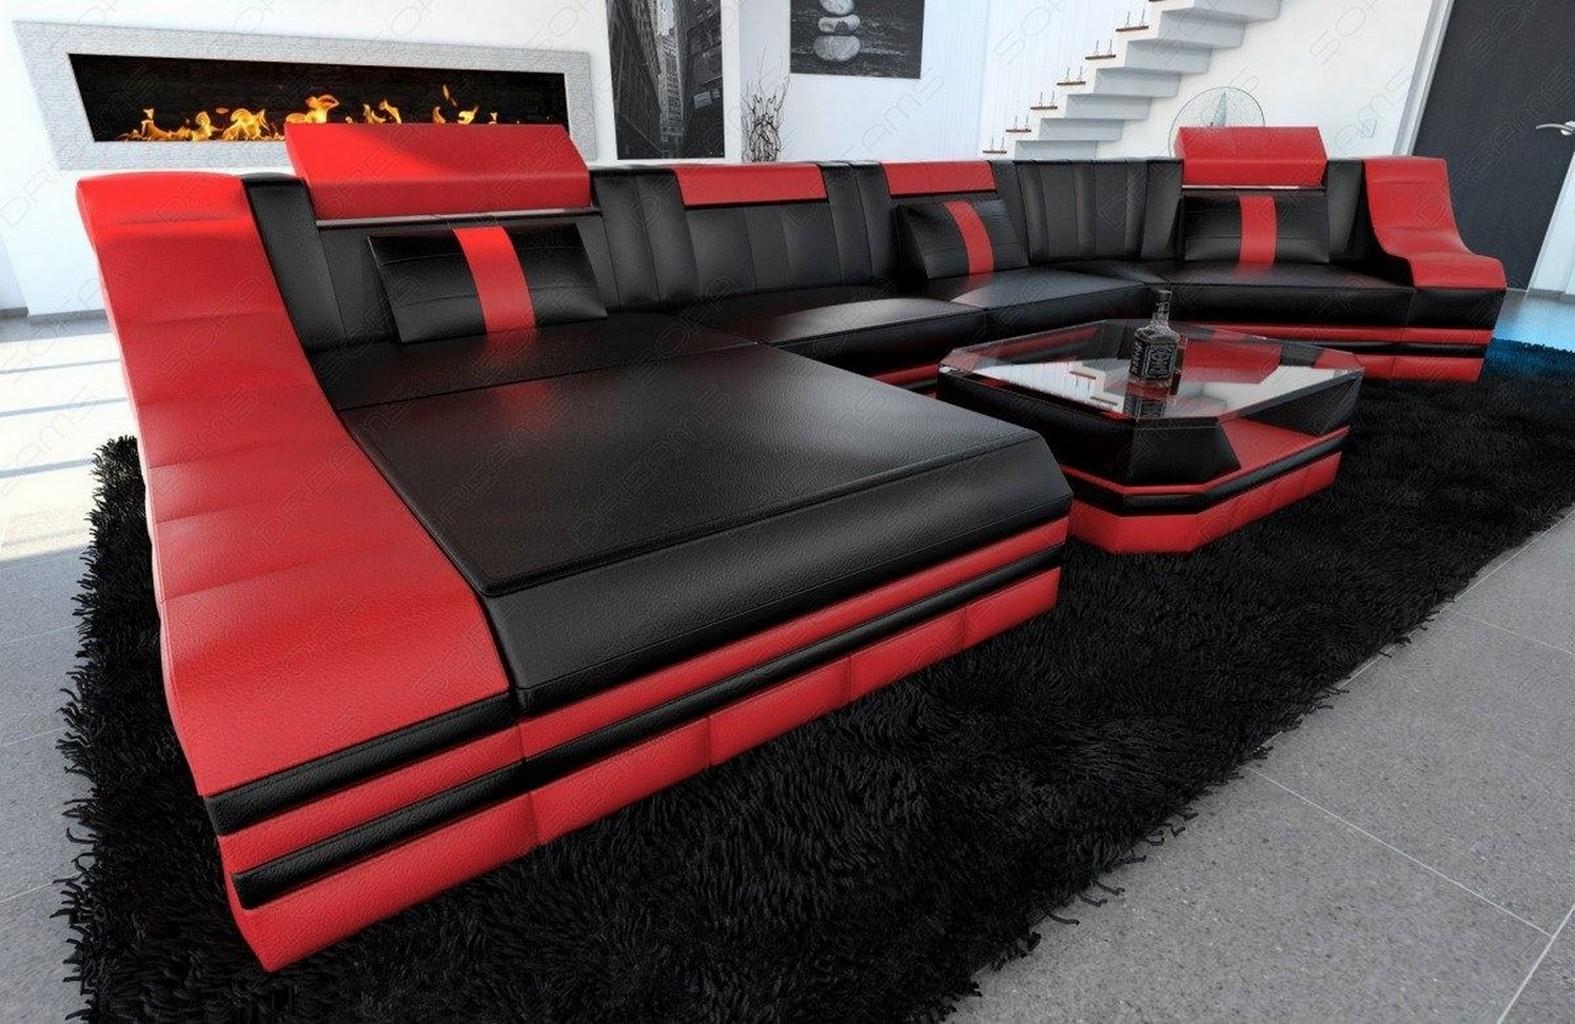 wohnlandschaft turino c form led beleuchtung designer leder couch schwarz rot ebay. Black Bedroom Furniture Sets. Home Design Ideas